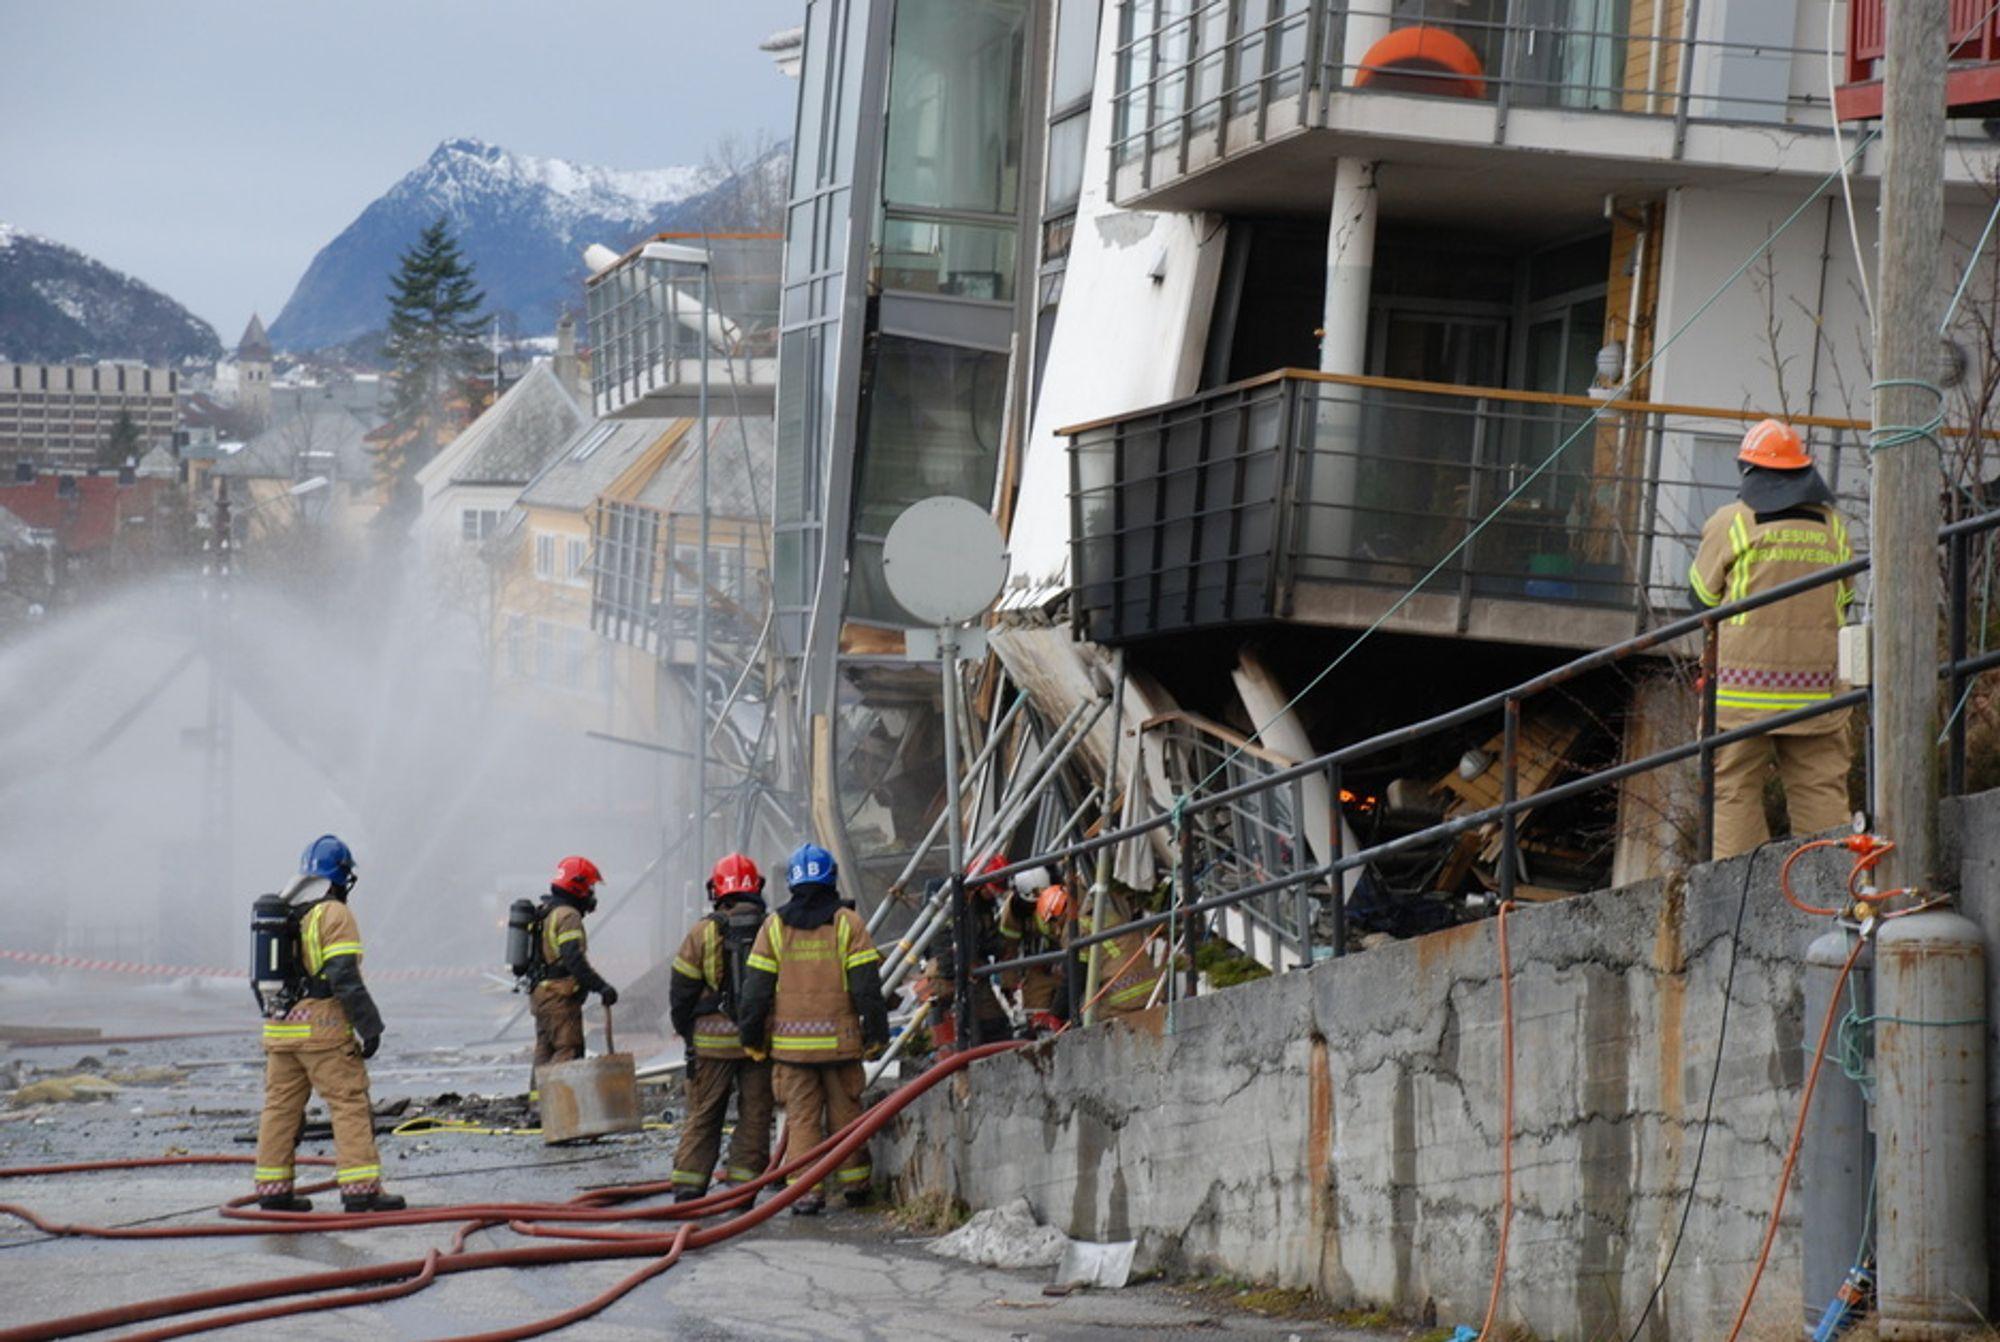 Brannvesenet i Ålesund startet søndag med å bore seg gjennom en murvegg for å komme til den eksplosjonsfarlige propantanken som ligger under den sammenraste boligblokken i Fjelltunveien. Under boringen gikk det varmegang i boret som måtte skiftes.